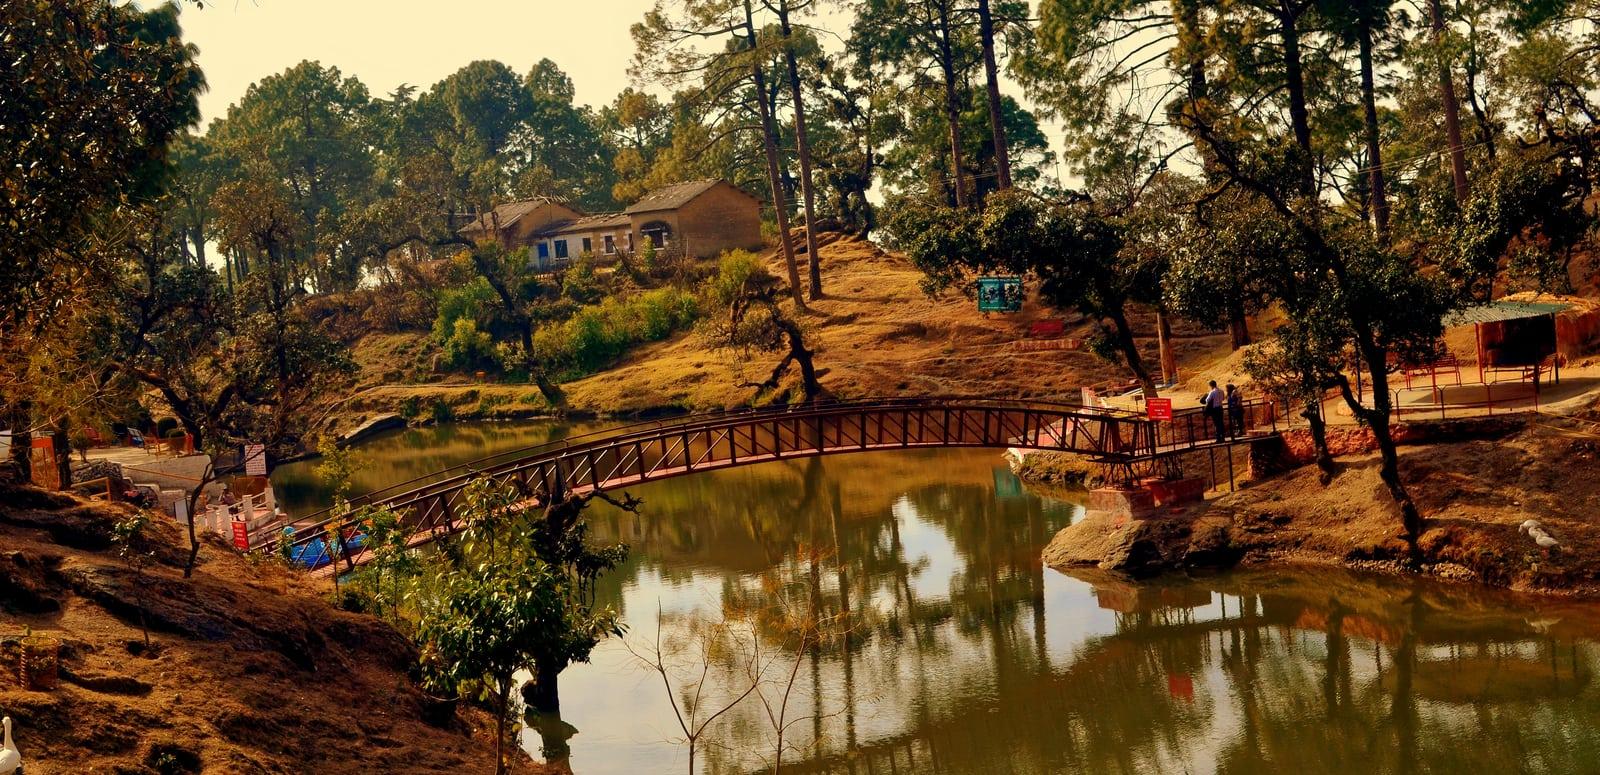 1492603621_bhulla_tal_lake_in_lansdowne_town_of_uttarakhand__india.jpg